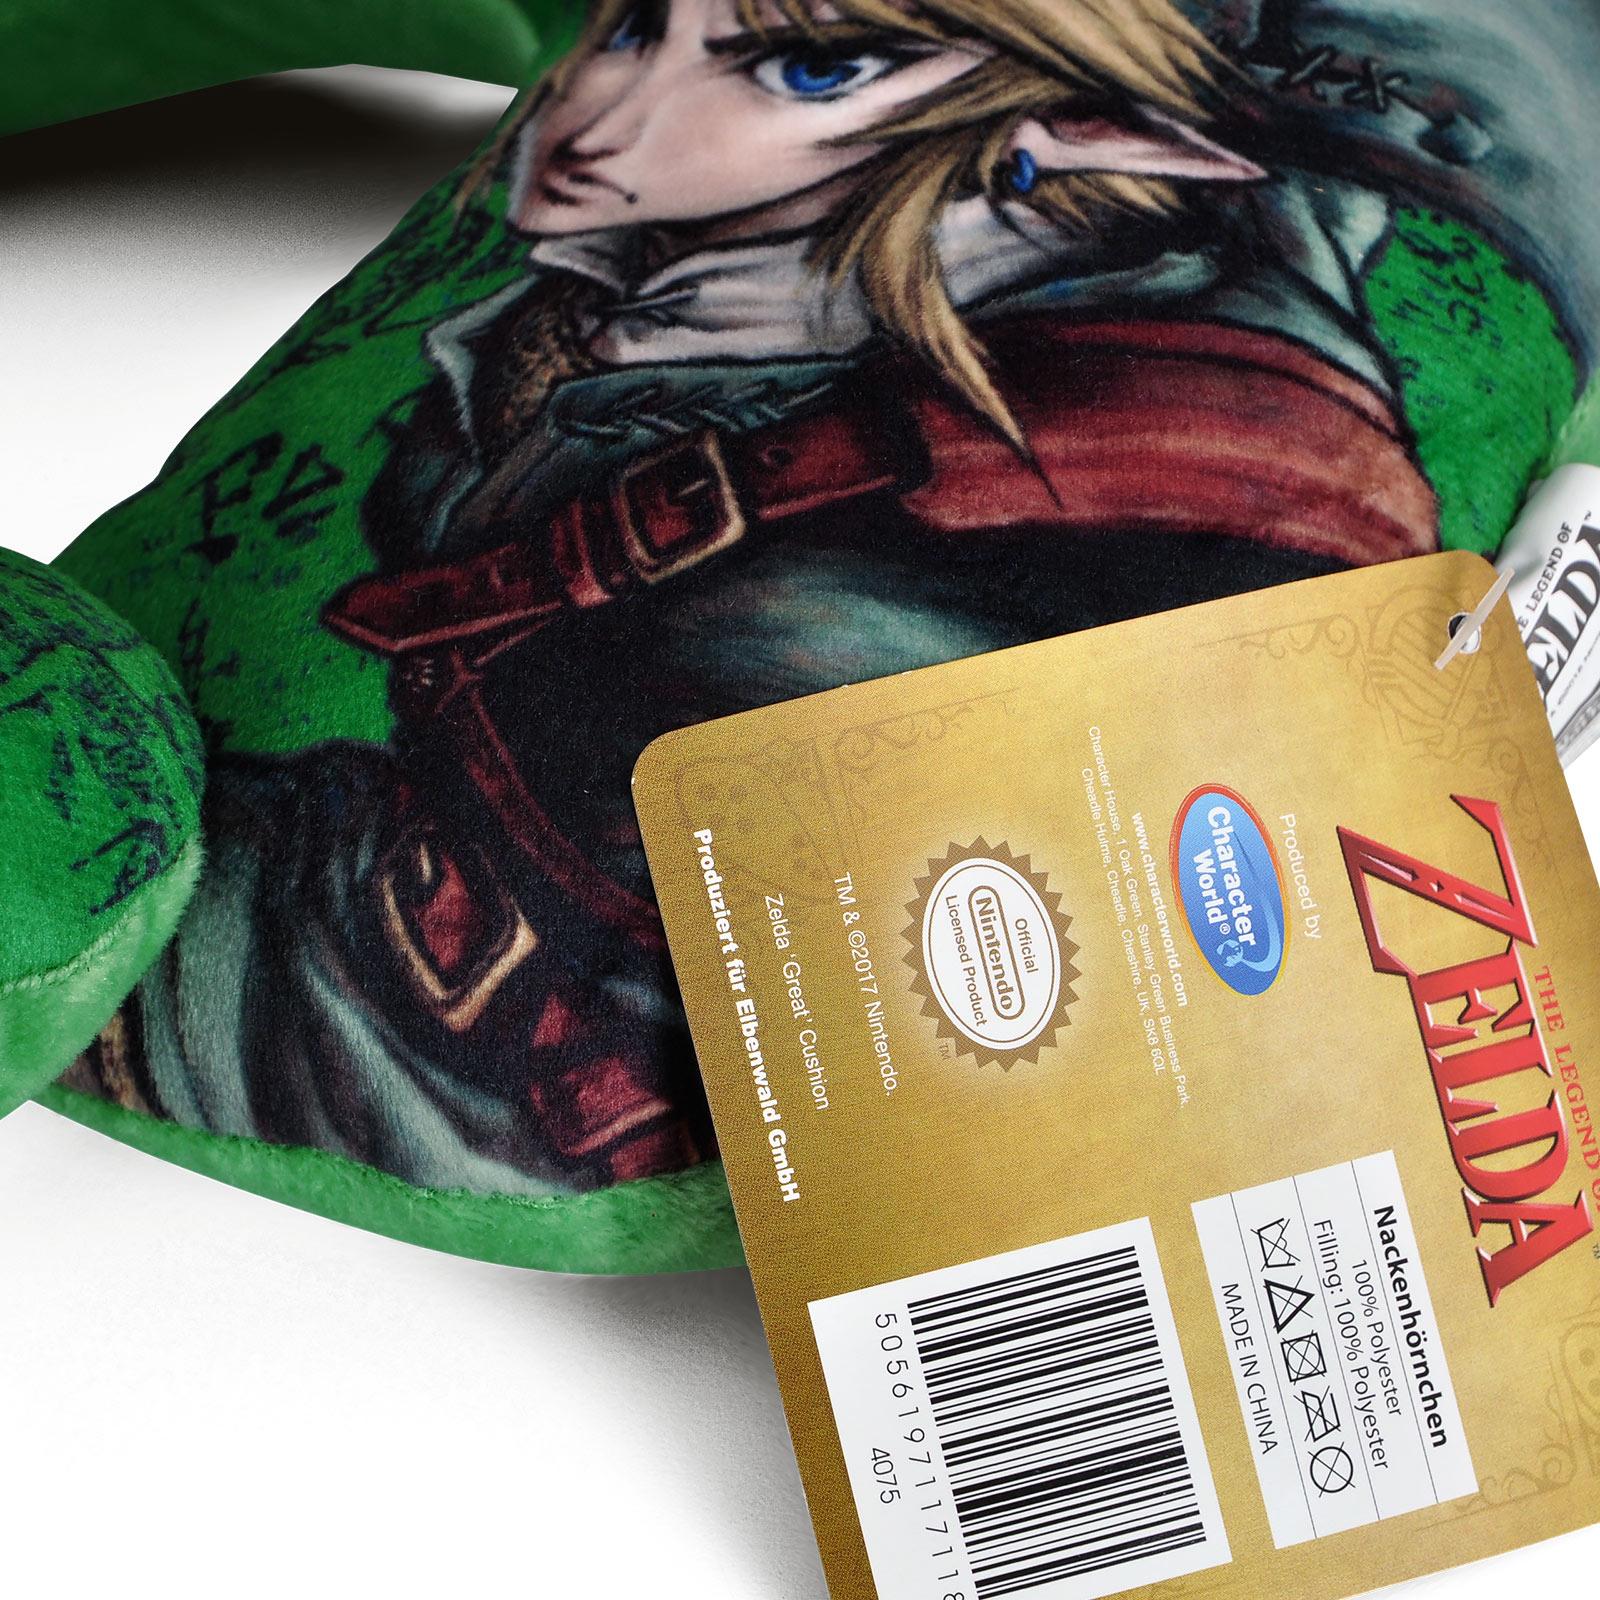 Zelda - Link Nackenkissen grün